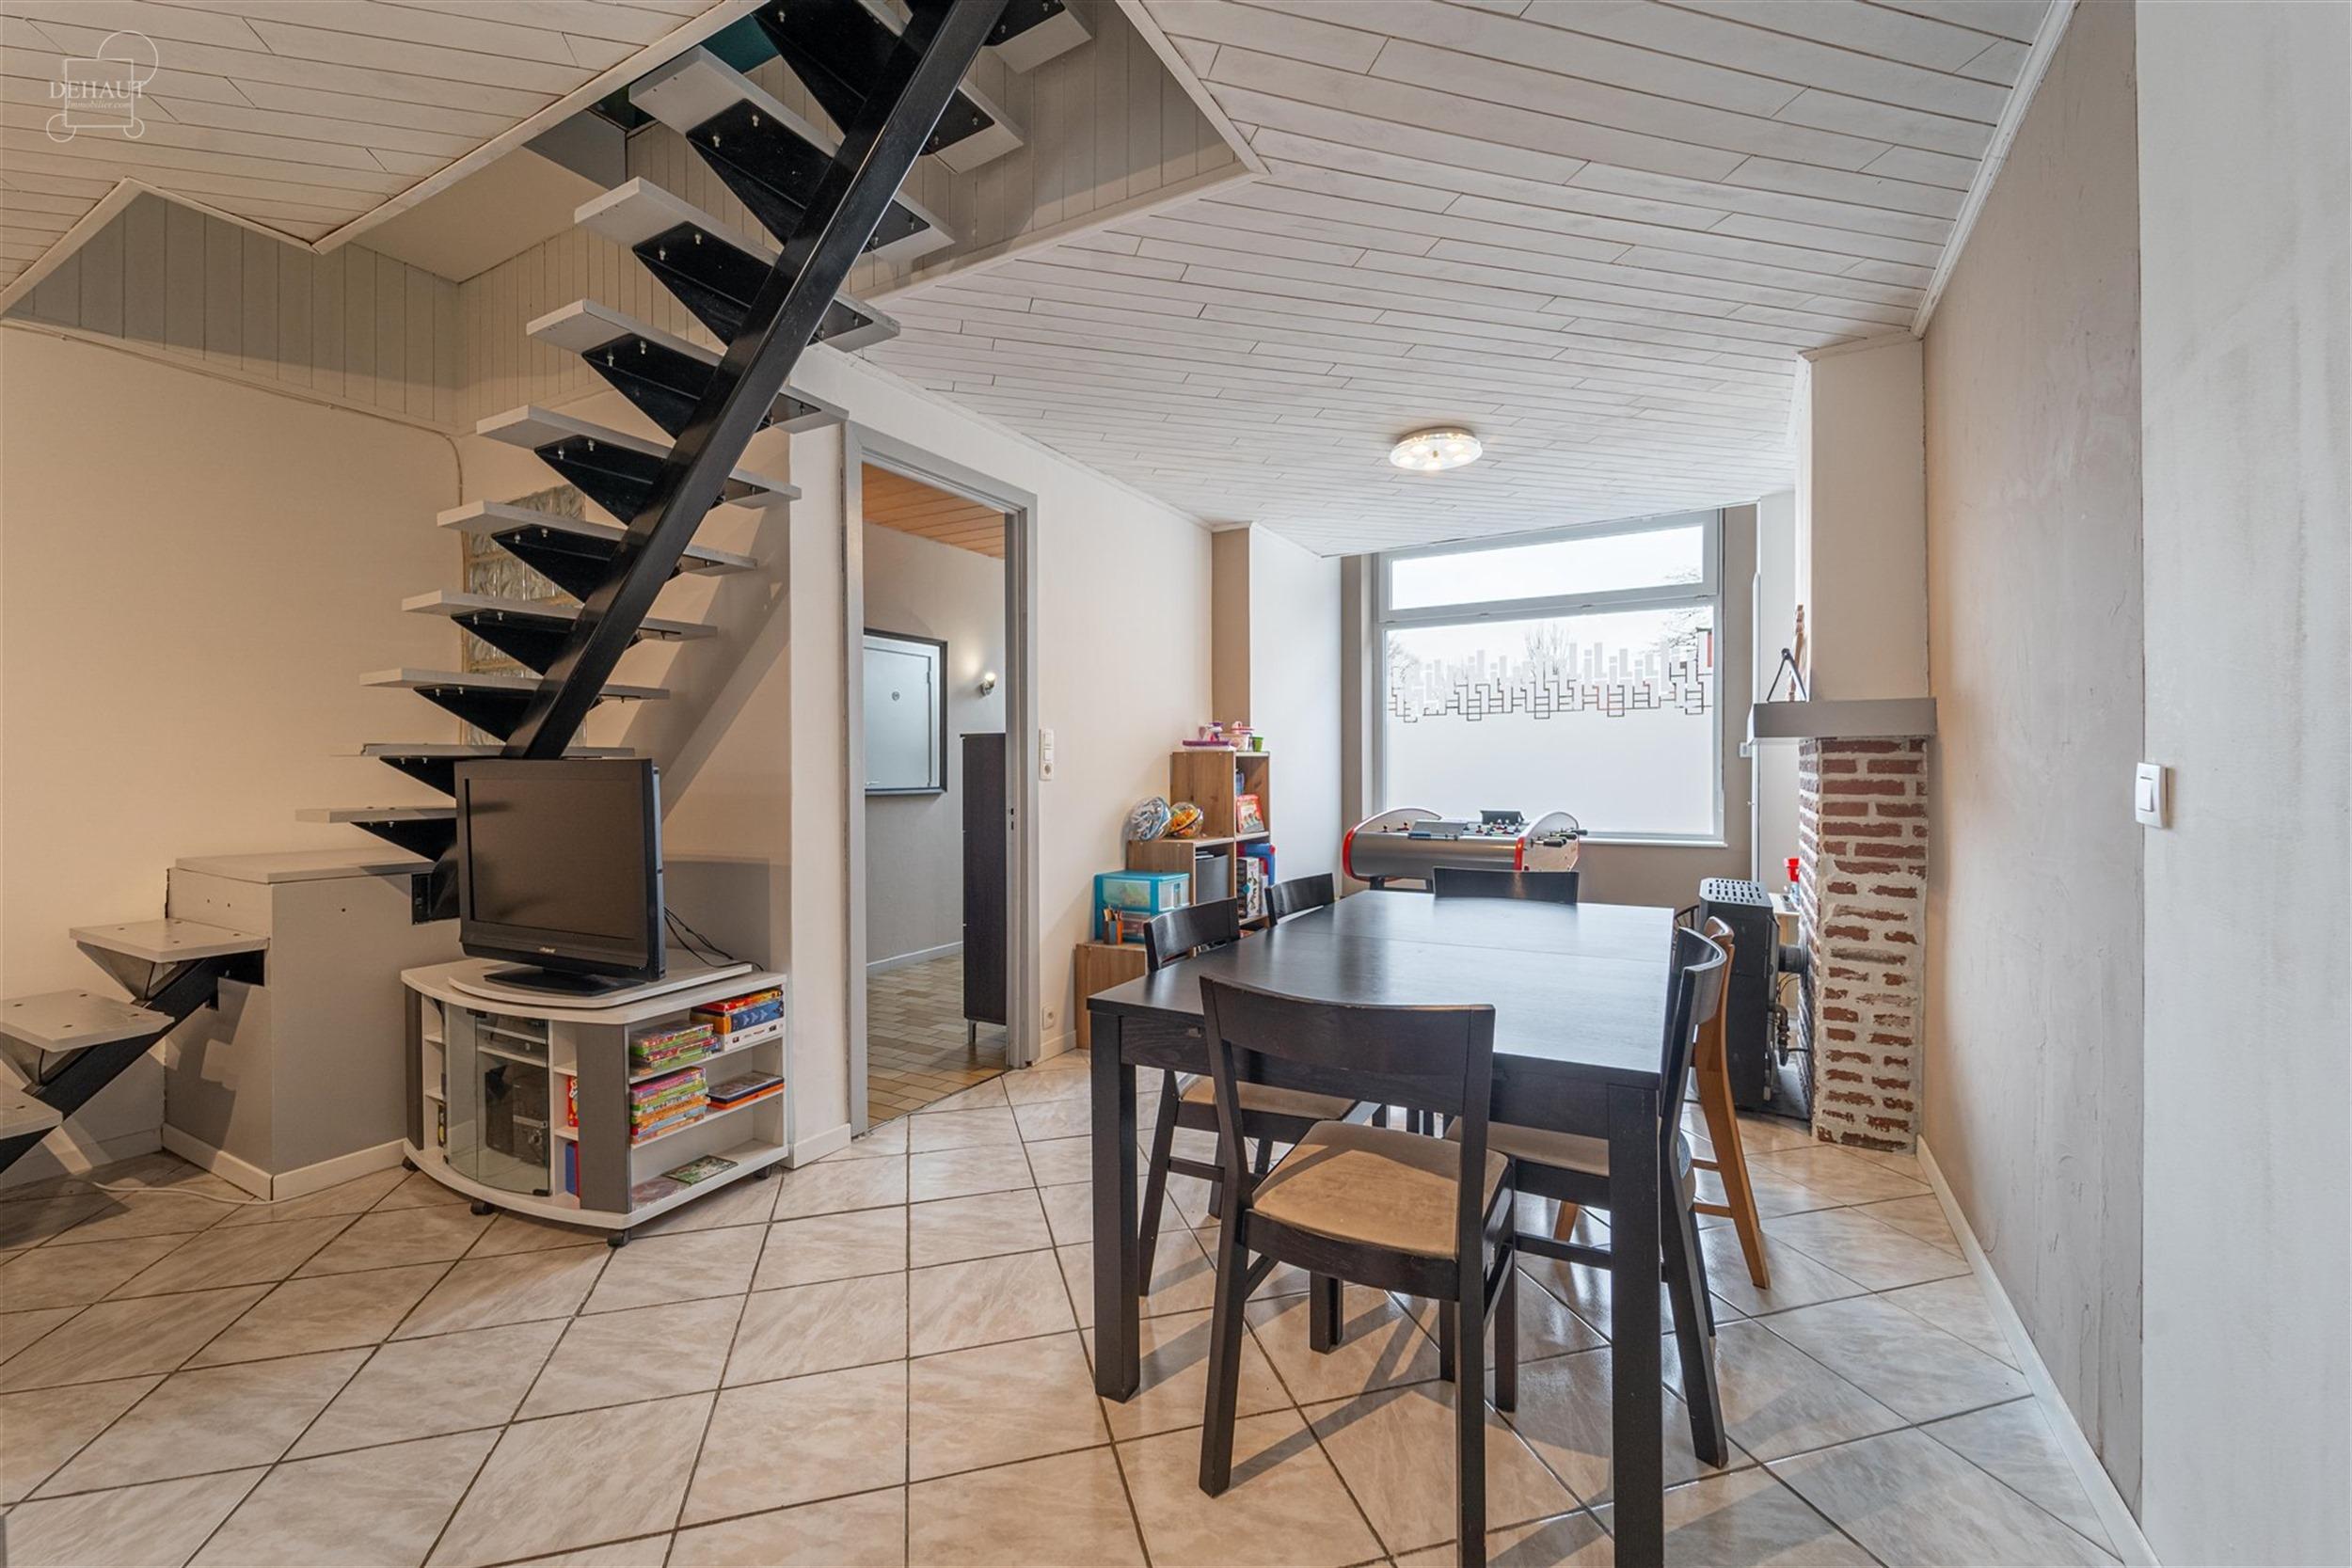 Maison de ville rénovée proposant un bel espace de vie ouvert sur une cuisine semi-équipée, salle de bain, WC indépendant et 4 chambres. Jardin e...